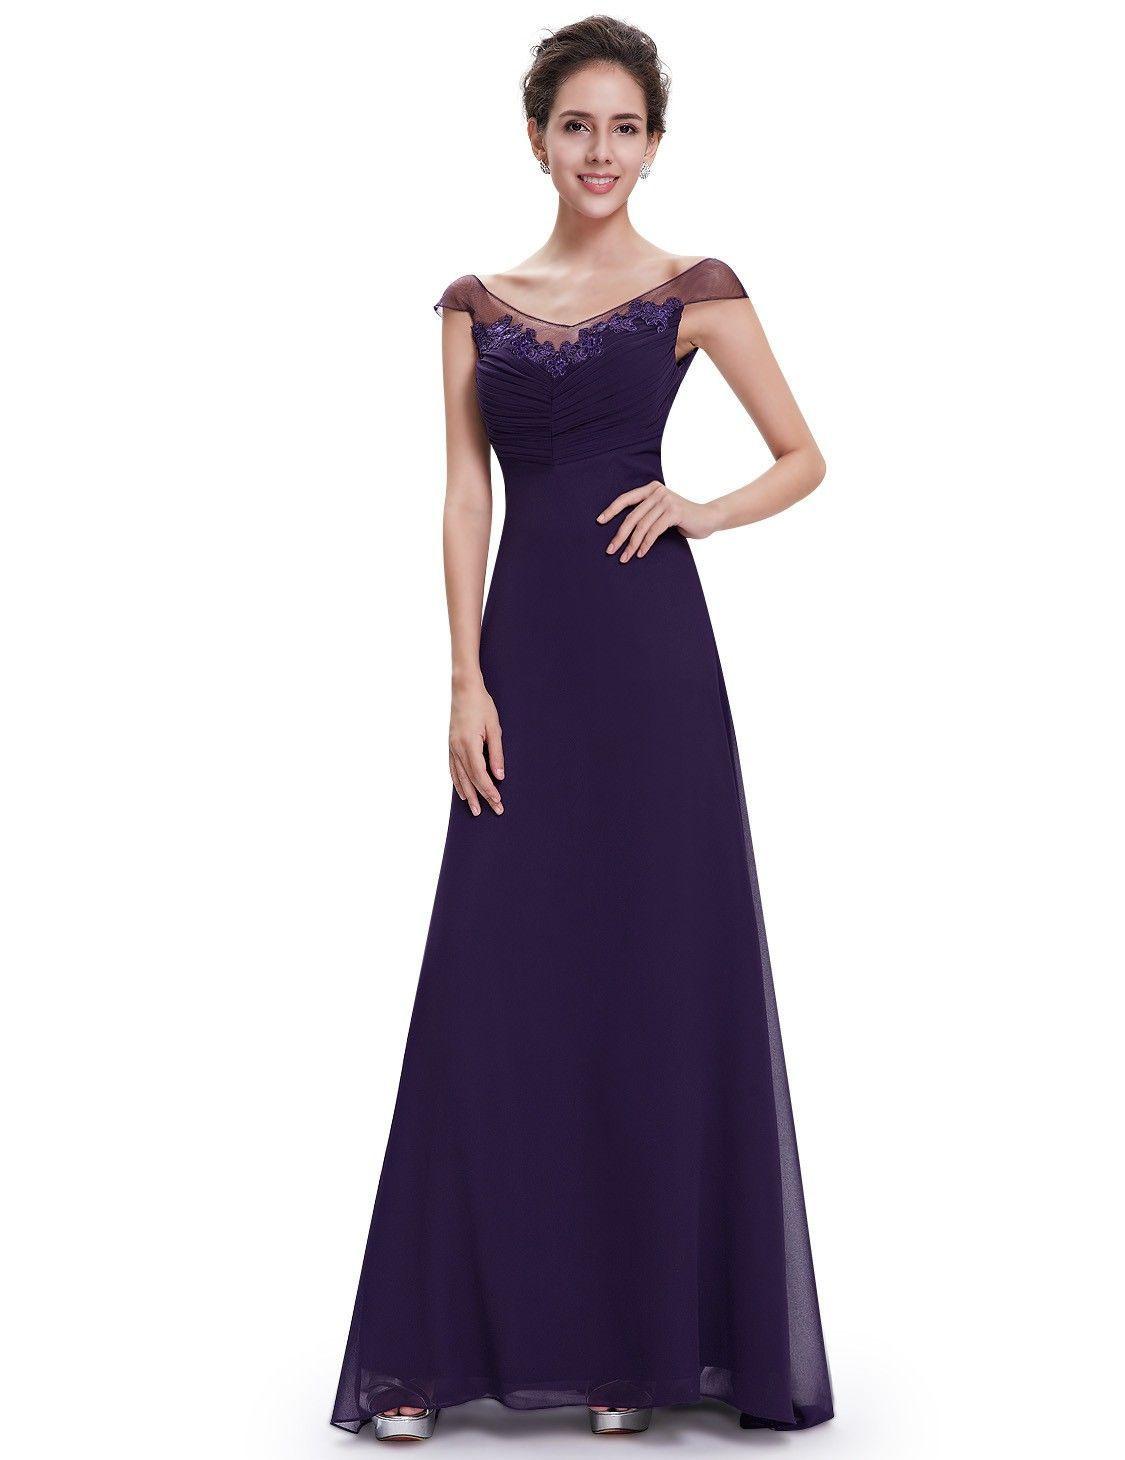 Abendmode / Lilanes Abendkleid Schlicht Online   Abendkleid